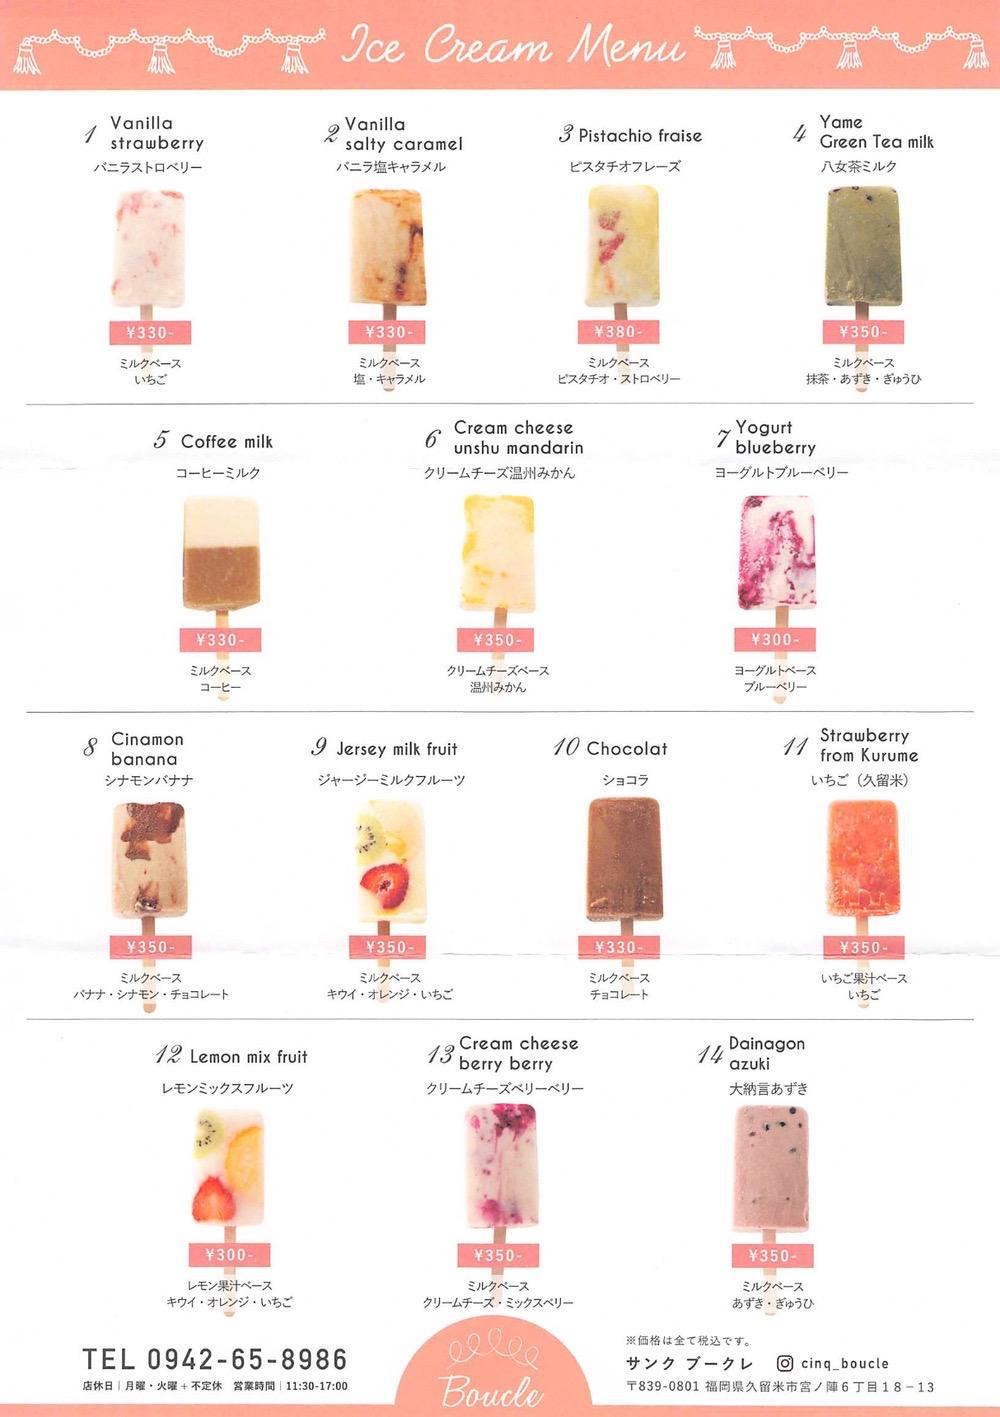 cinq boucle(サンクブークレ)アイスクリーム メニュー表